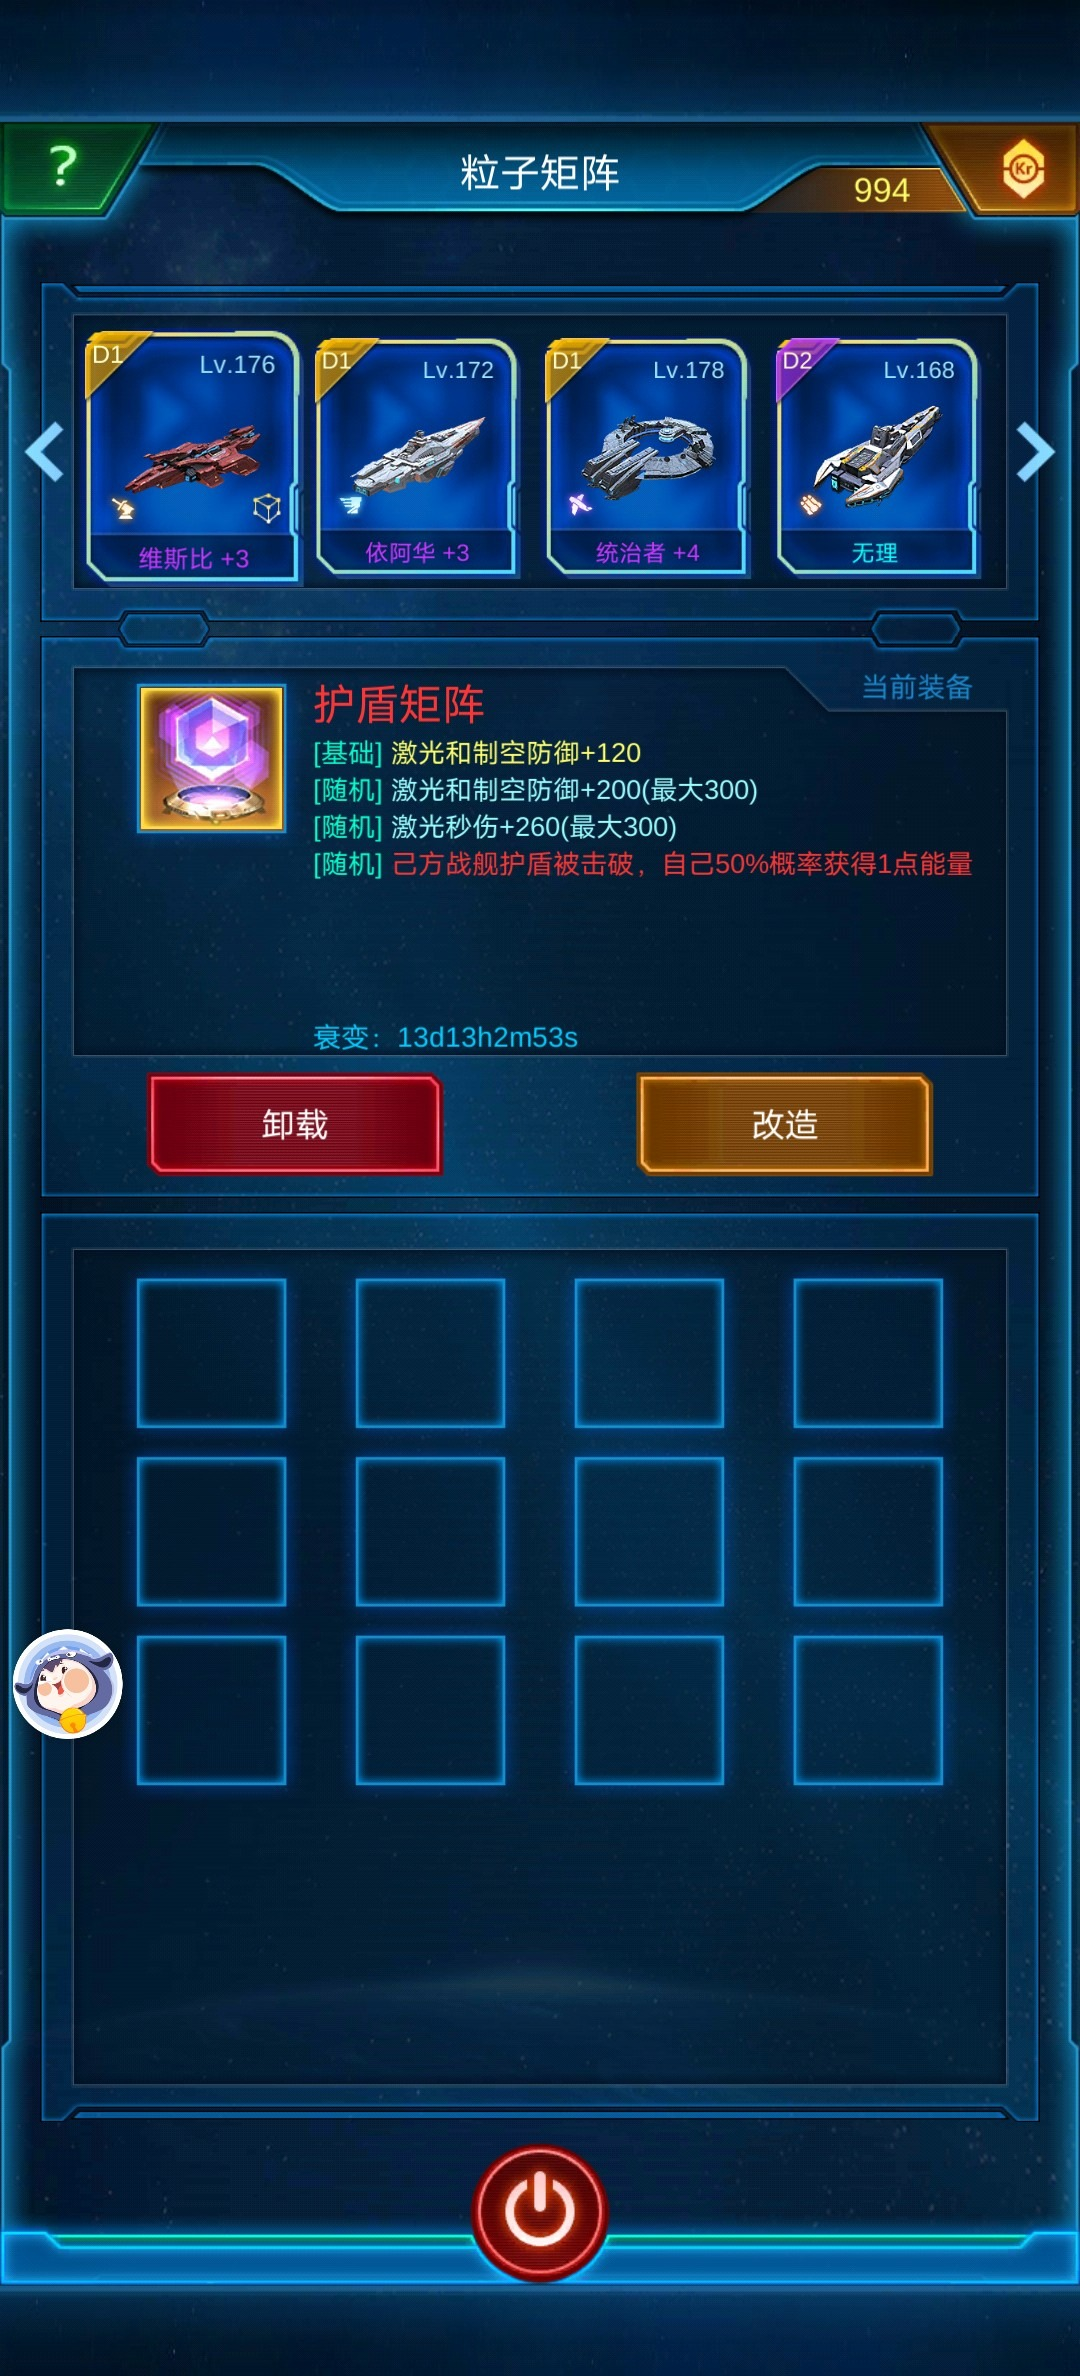 Screenshot_2021_0921_205709.jpg